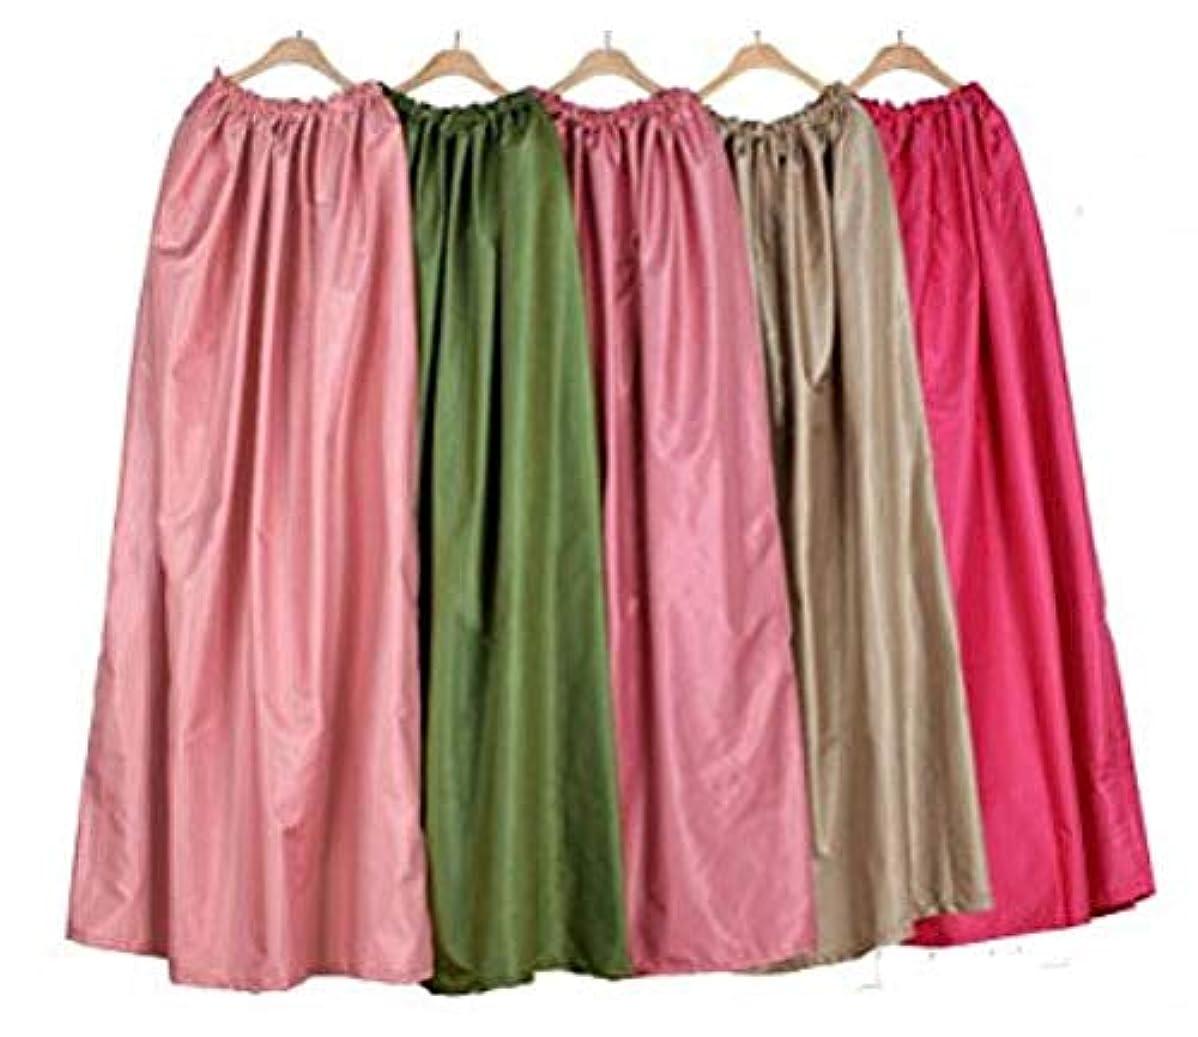 告白バッチベスビオ山zipper式で両手が出られる形,よもぎ蒸し専用服 最高級